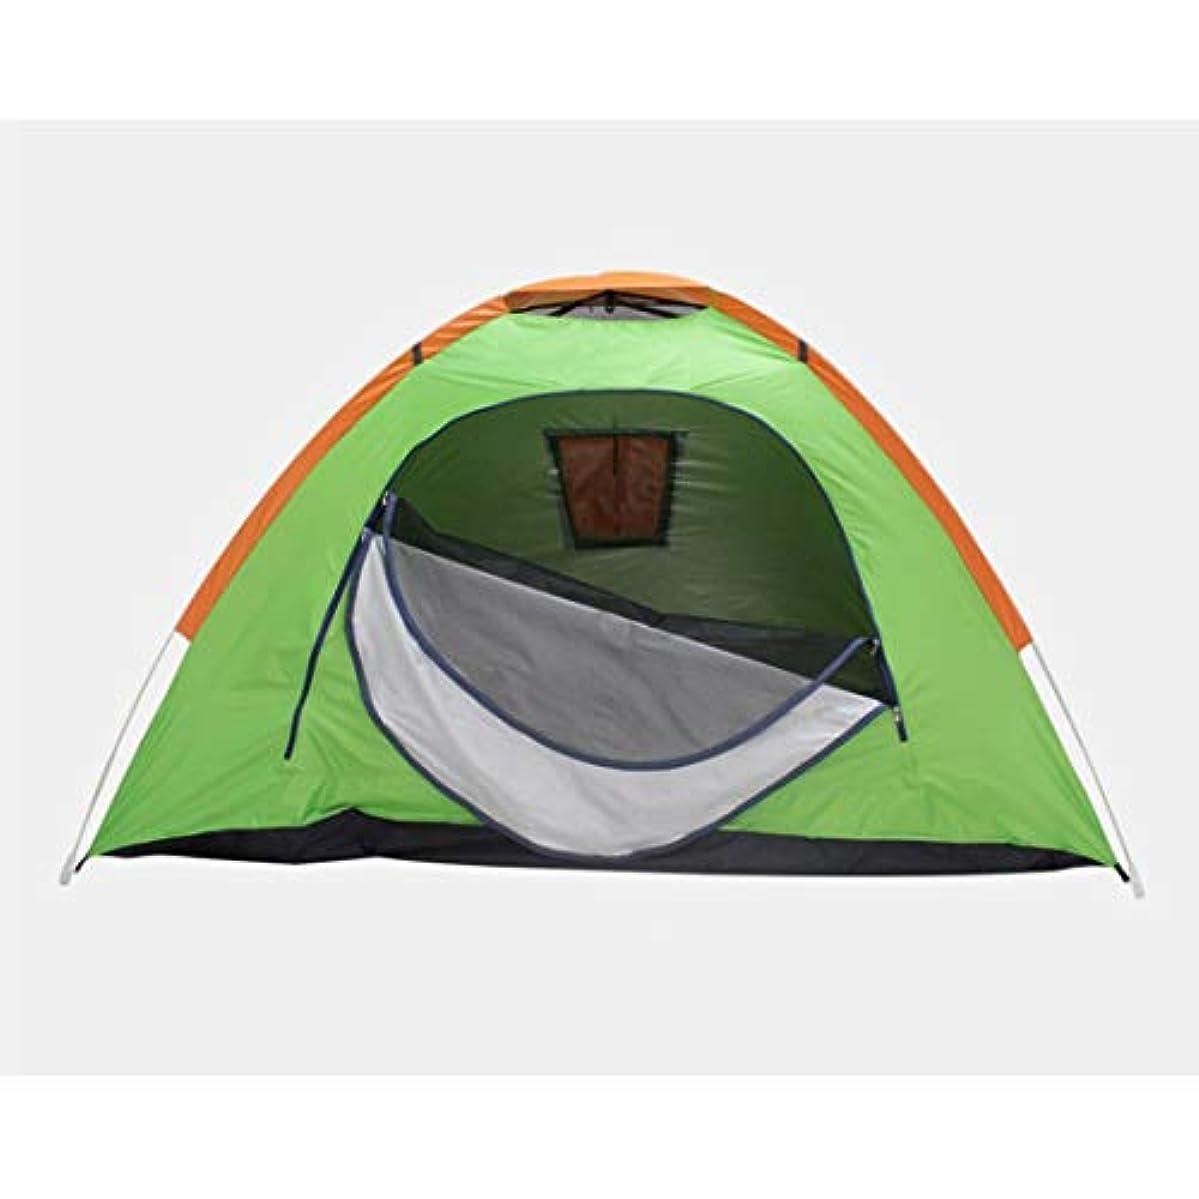 昨日主流性能Nekovan 2-3人のキャンプテント4シーズンのバックパッキングテント自動インスタントポップアップ屋外テント用テント (色 : オレンジ)